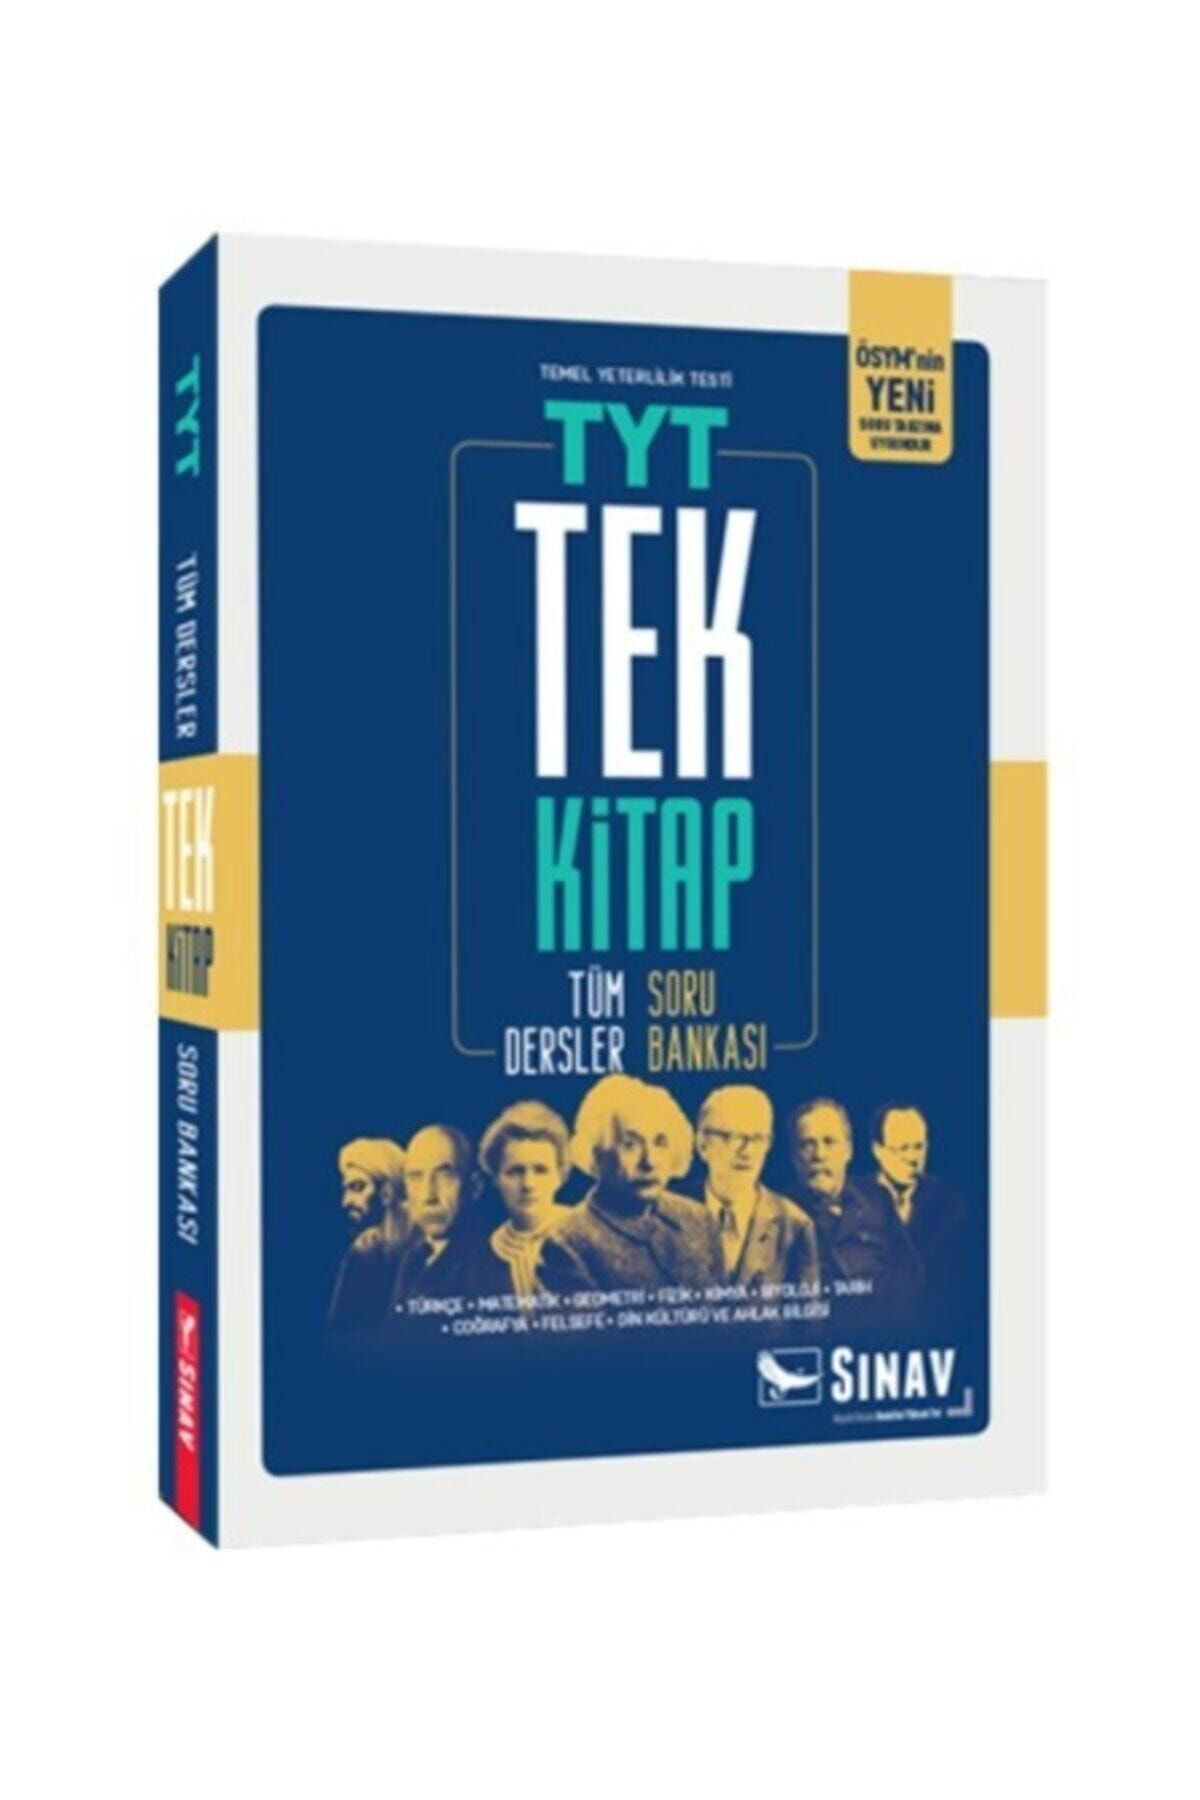 Sınav Yayınları 2021 Tyt Tüm Dersler Soru Bankası Tek Kitap 1